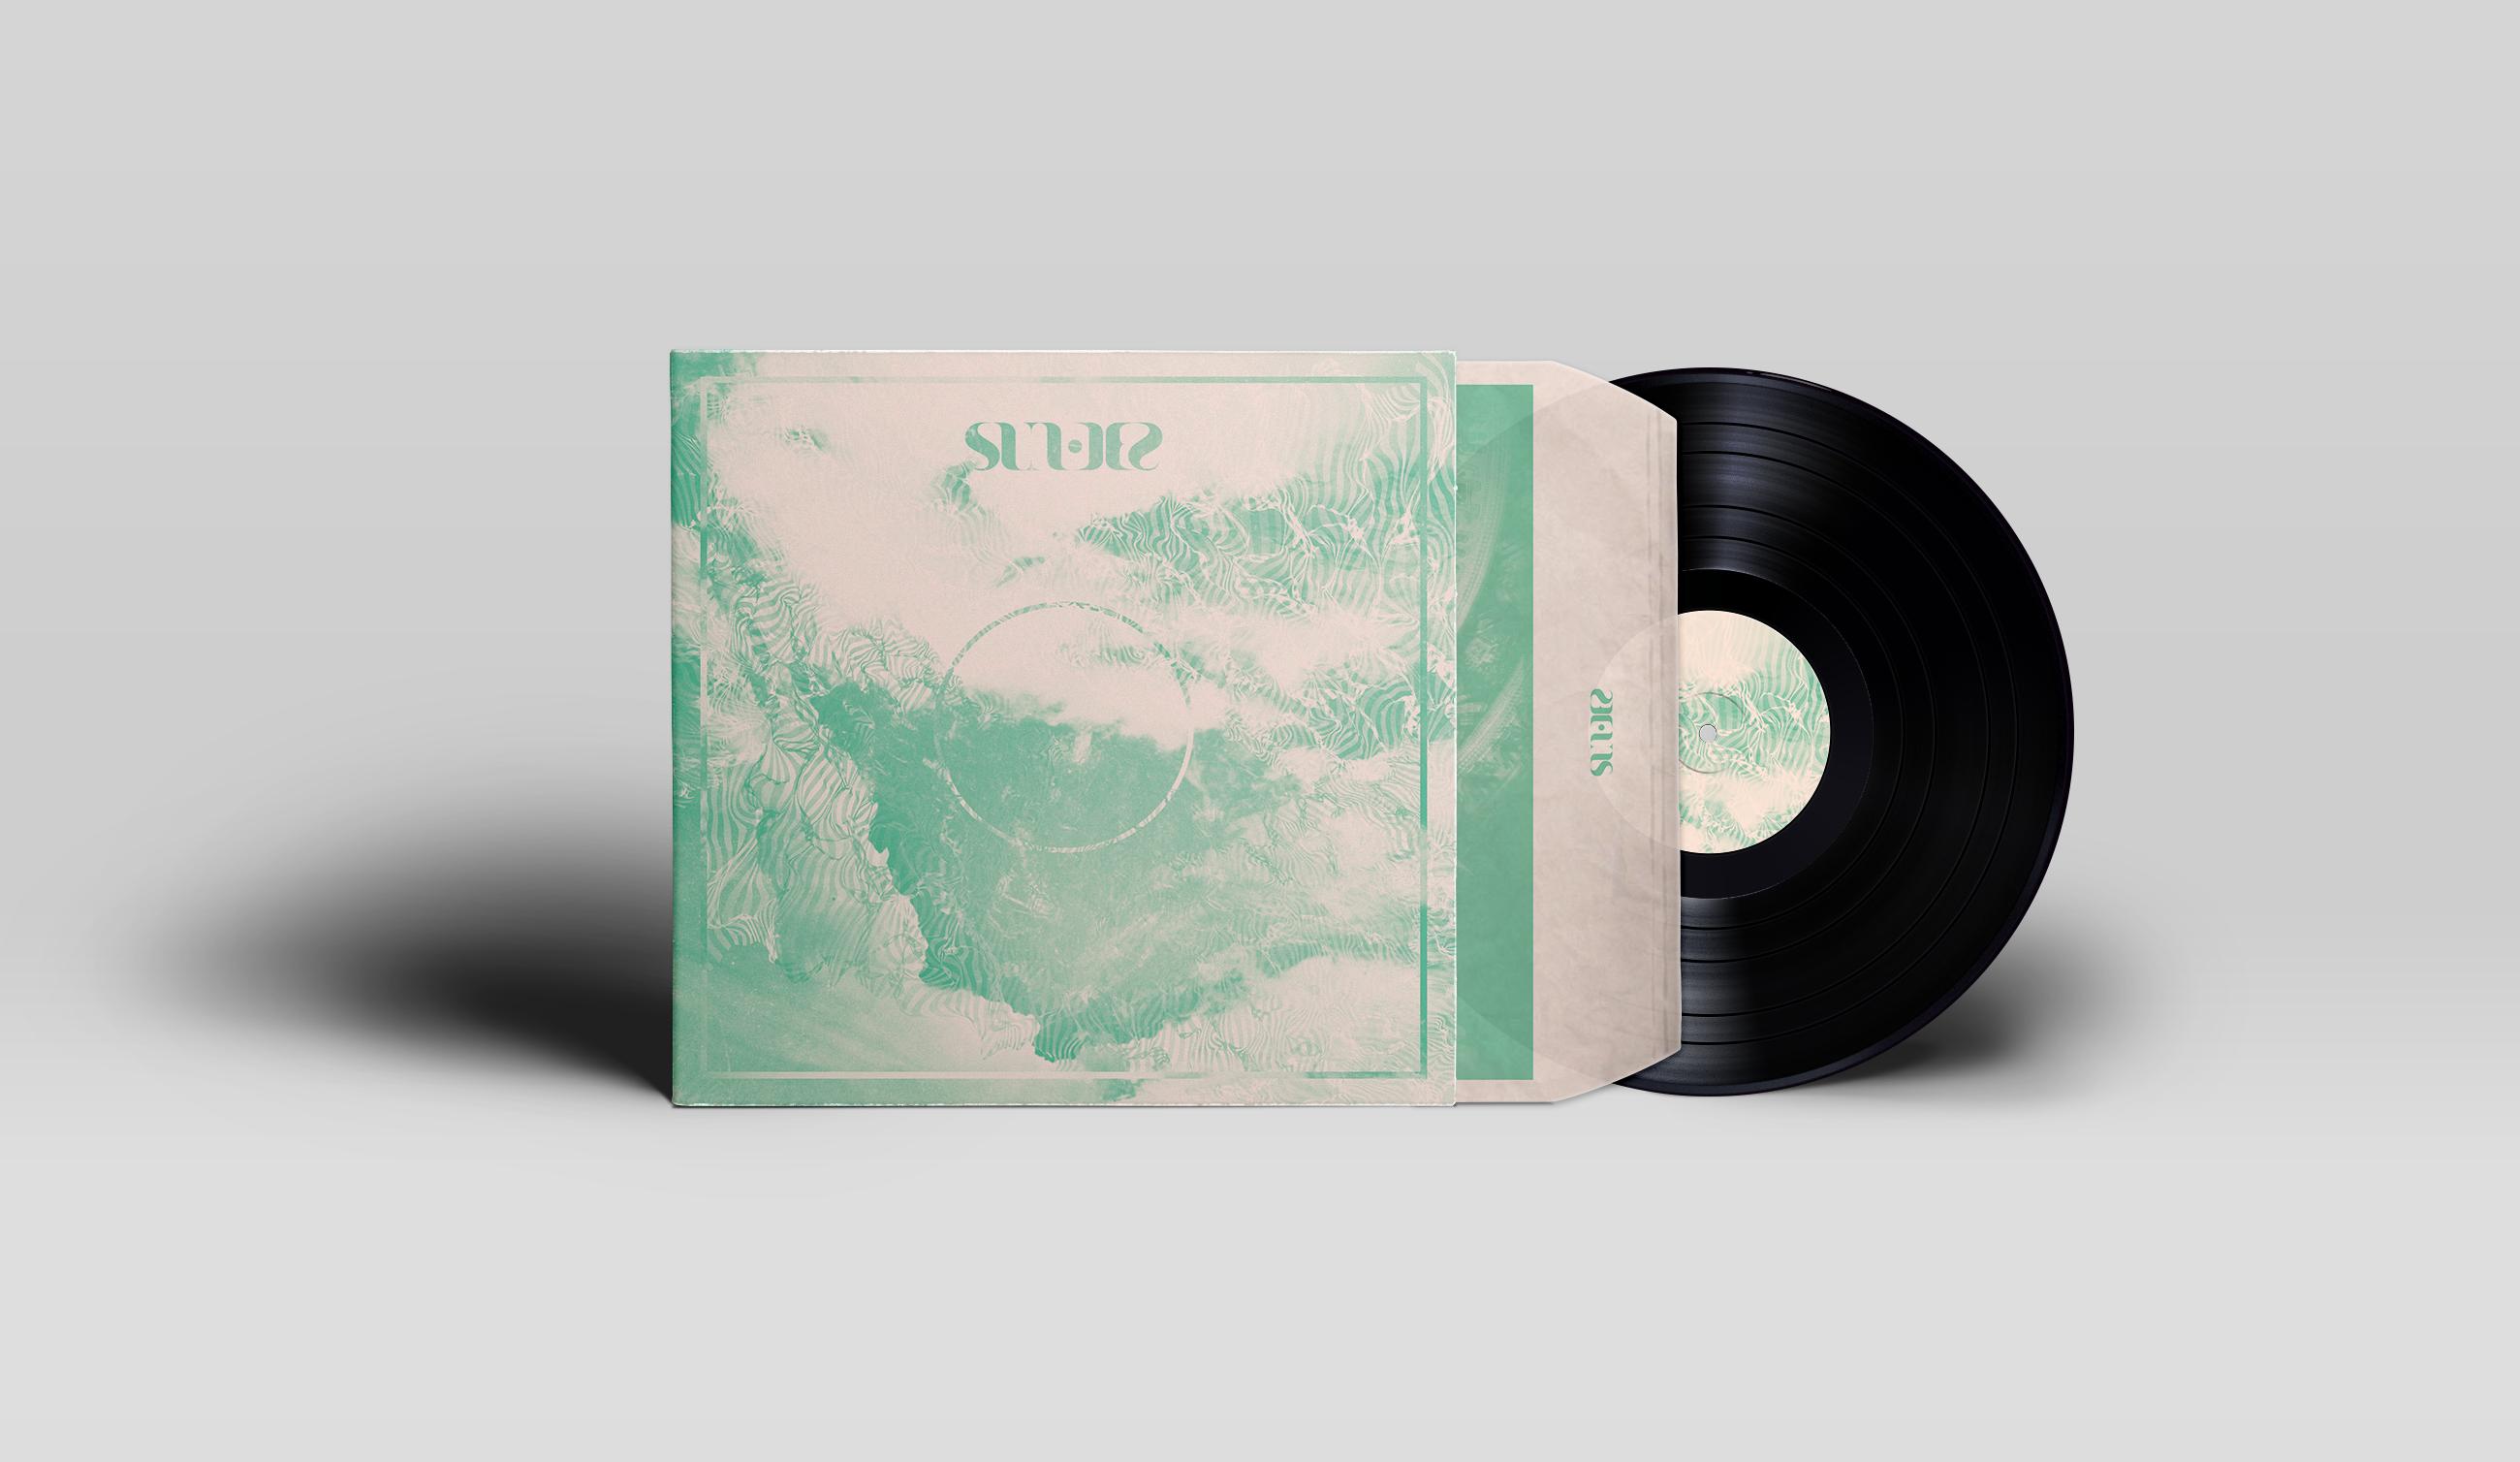 GrainNoir_Sunder_VinylCover_Packshot